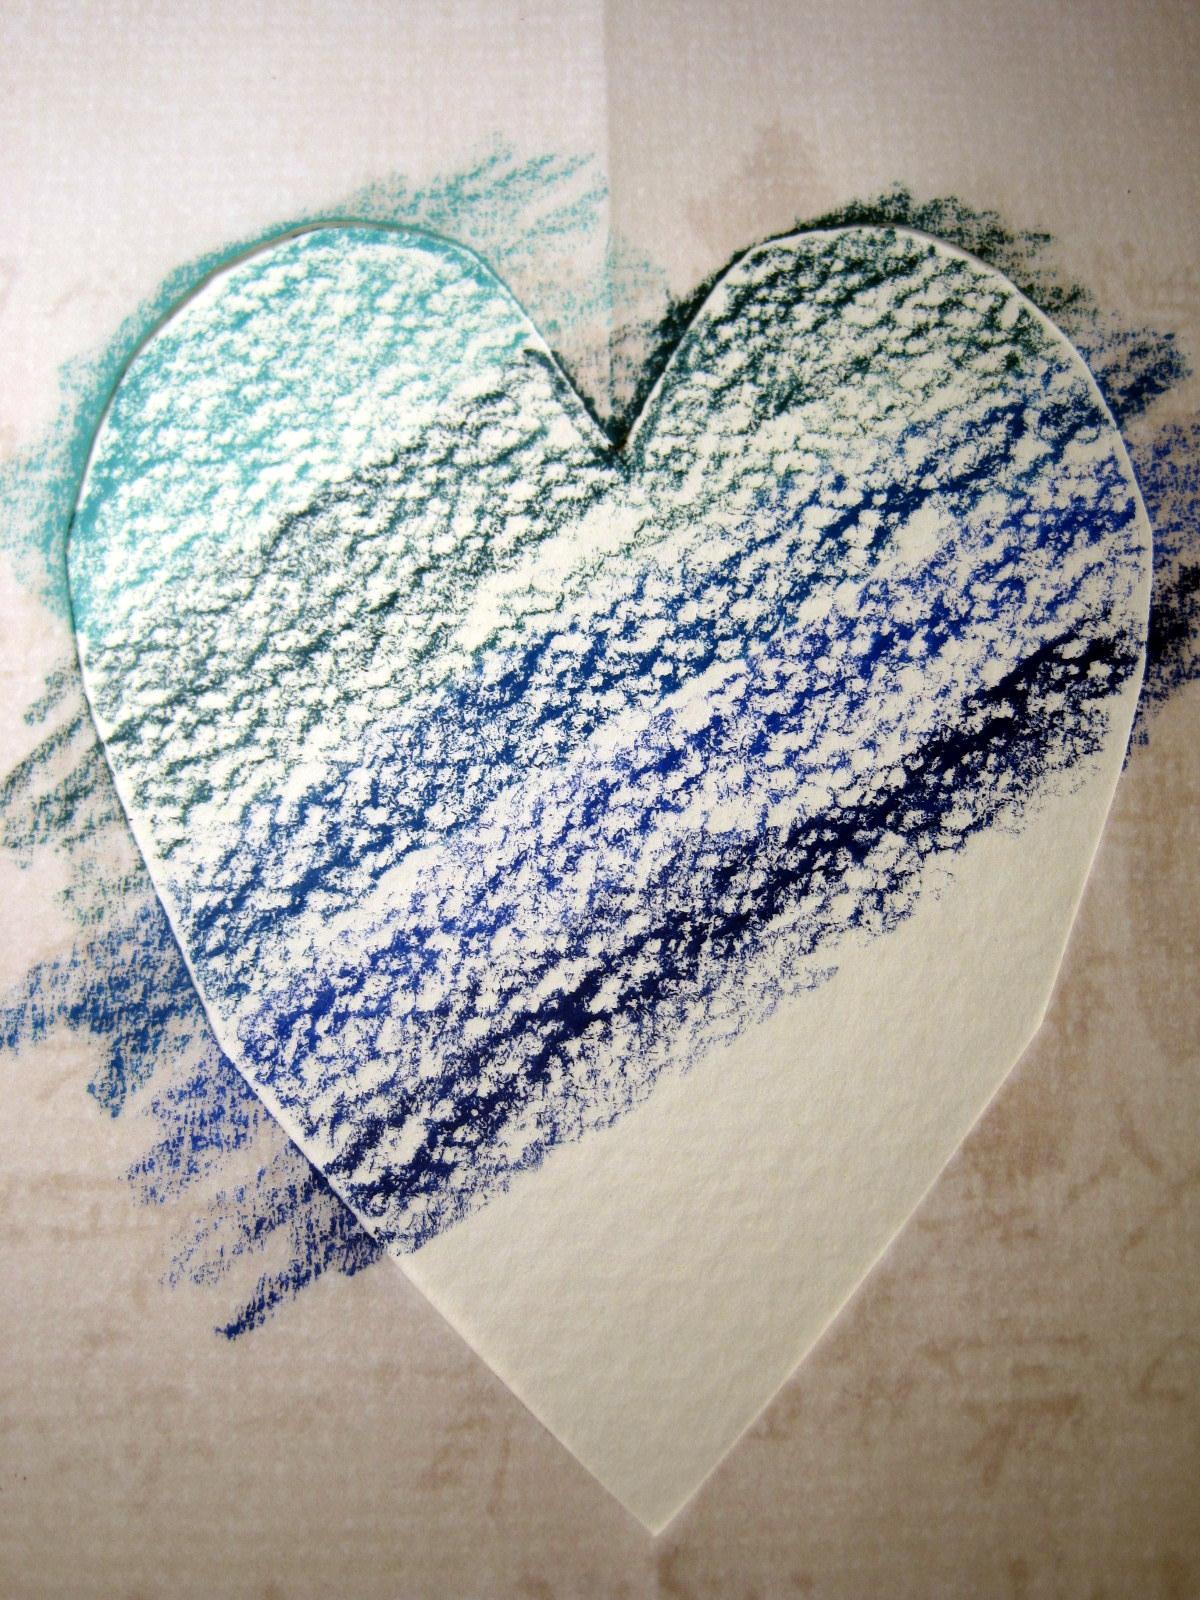 Crayoned Heart